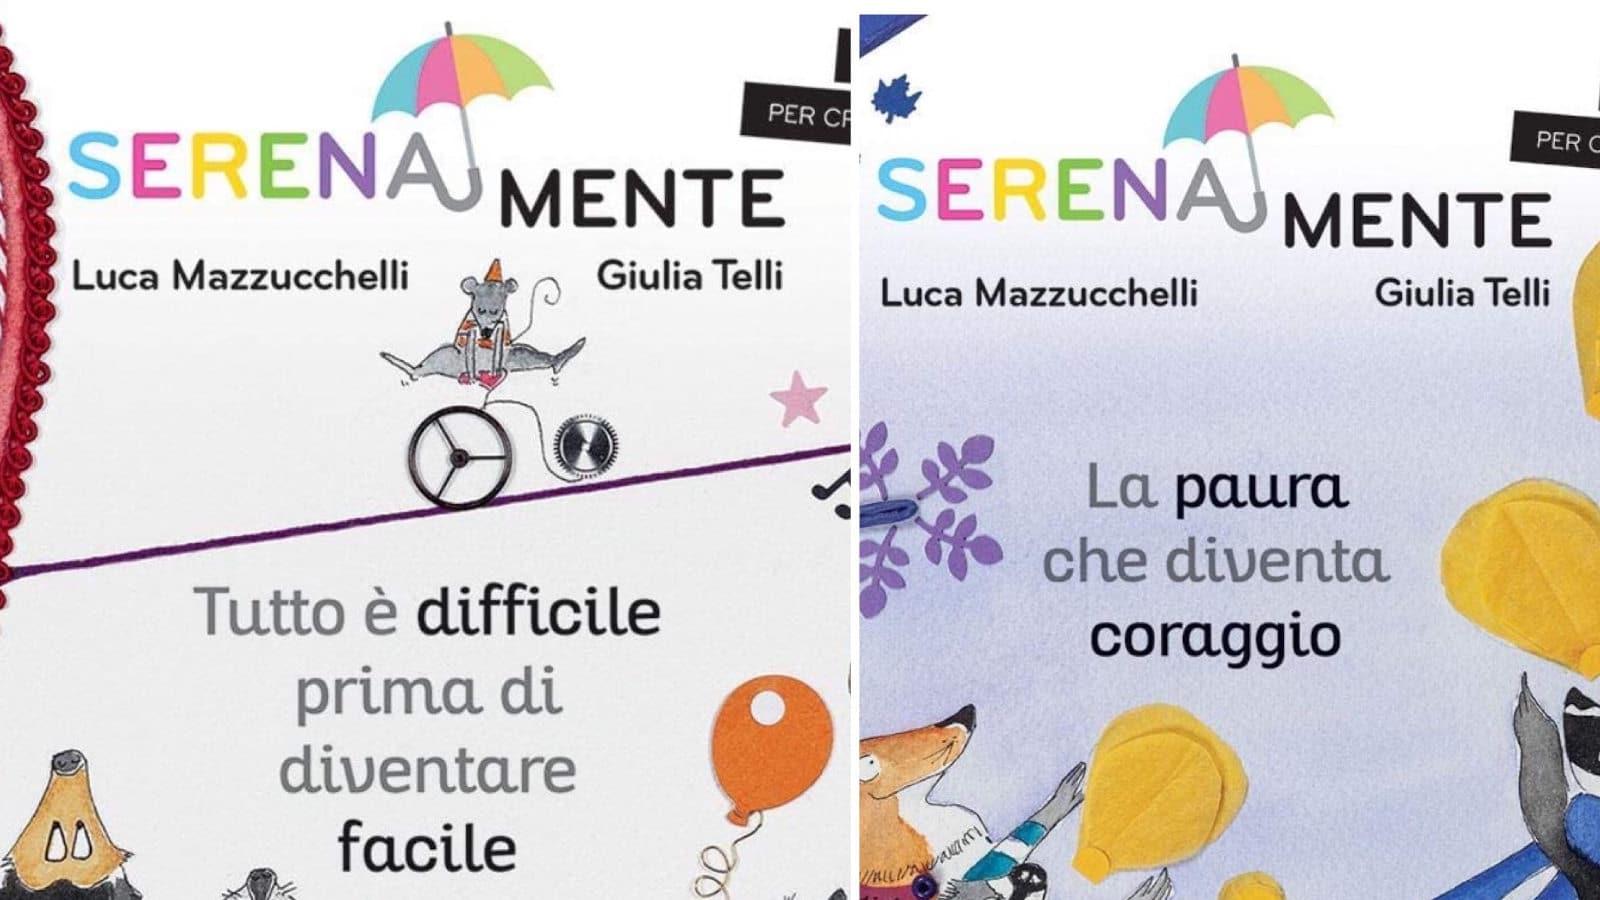 """""""Tutto è difficile prima di diventare facile"""" e """"La paura che diventa coraggio"""" (2020) di Luca Mazzucchelli e Giulia Telli – Recensione dei libri"""